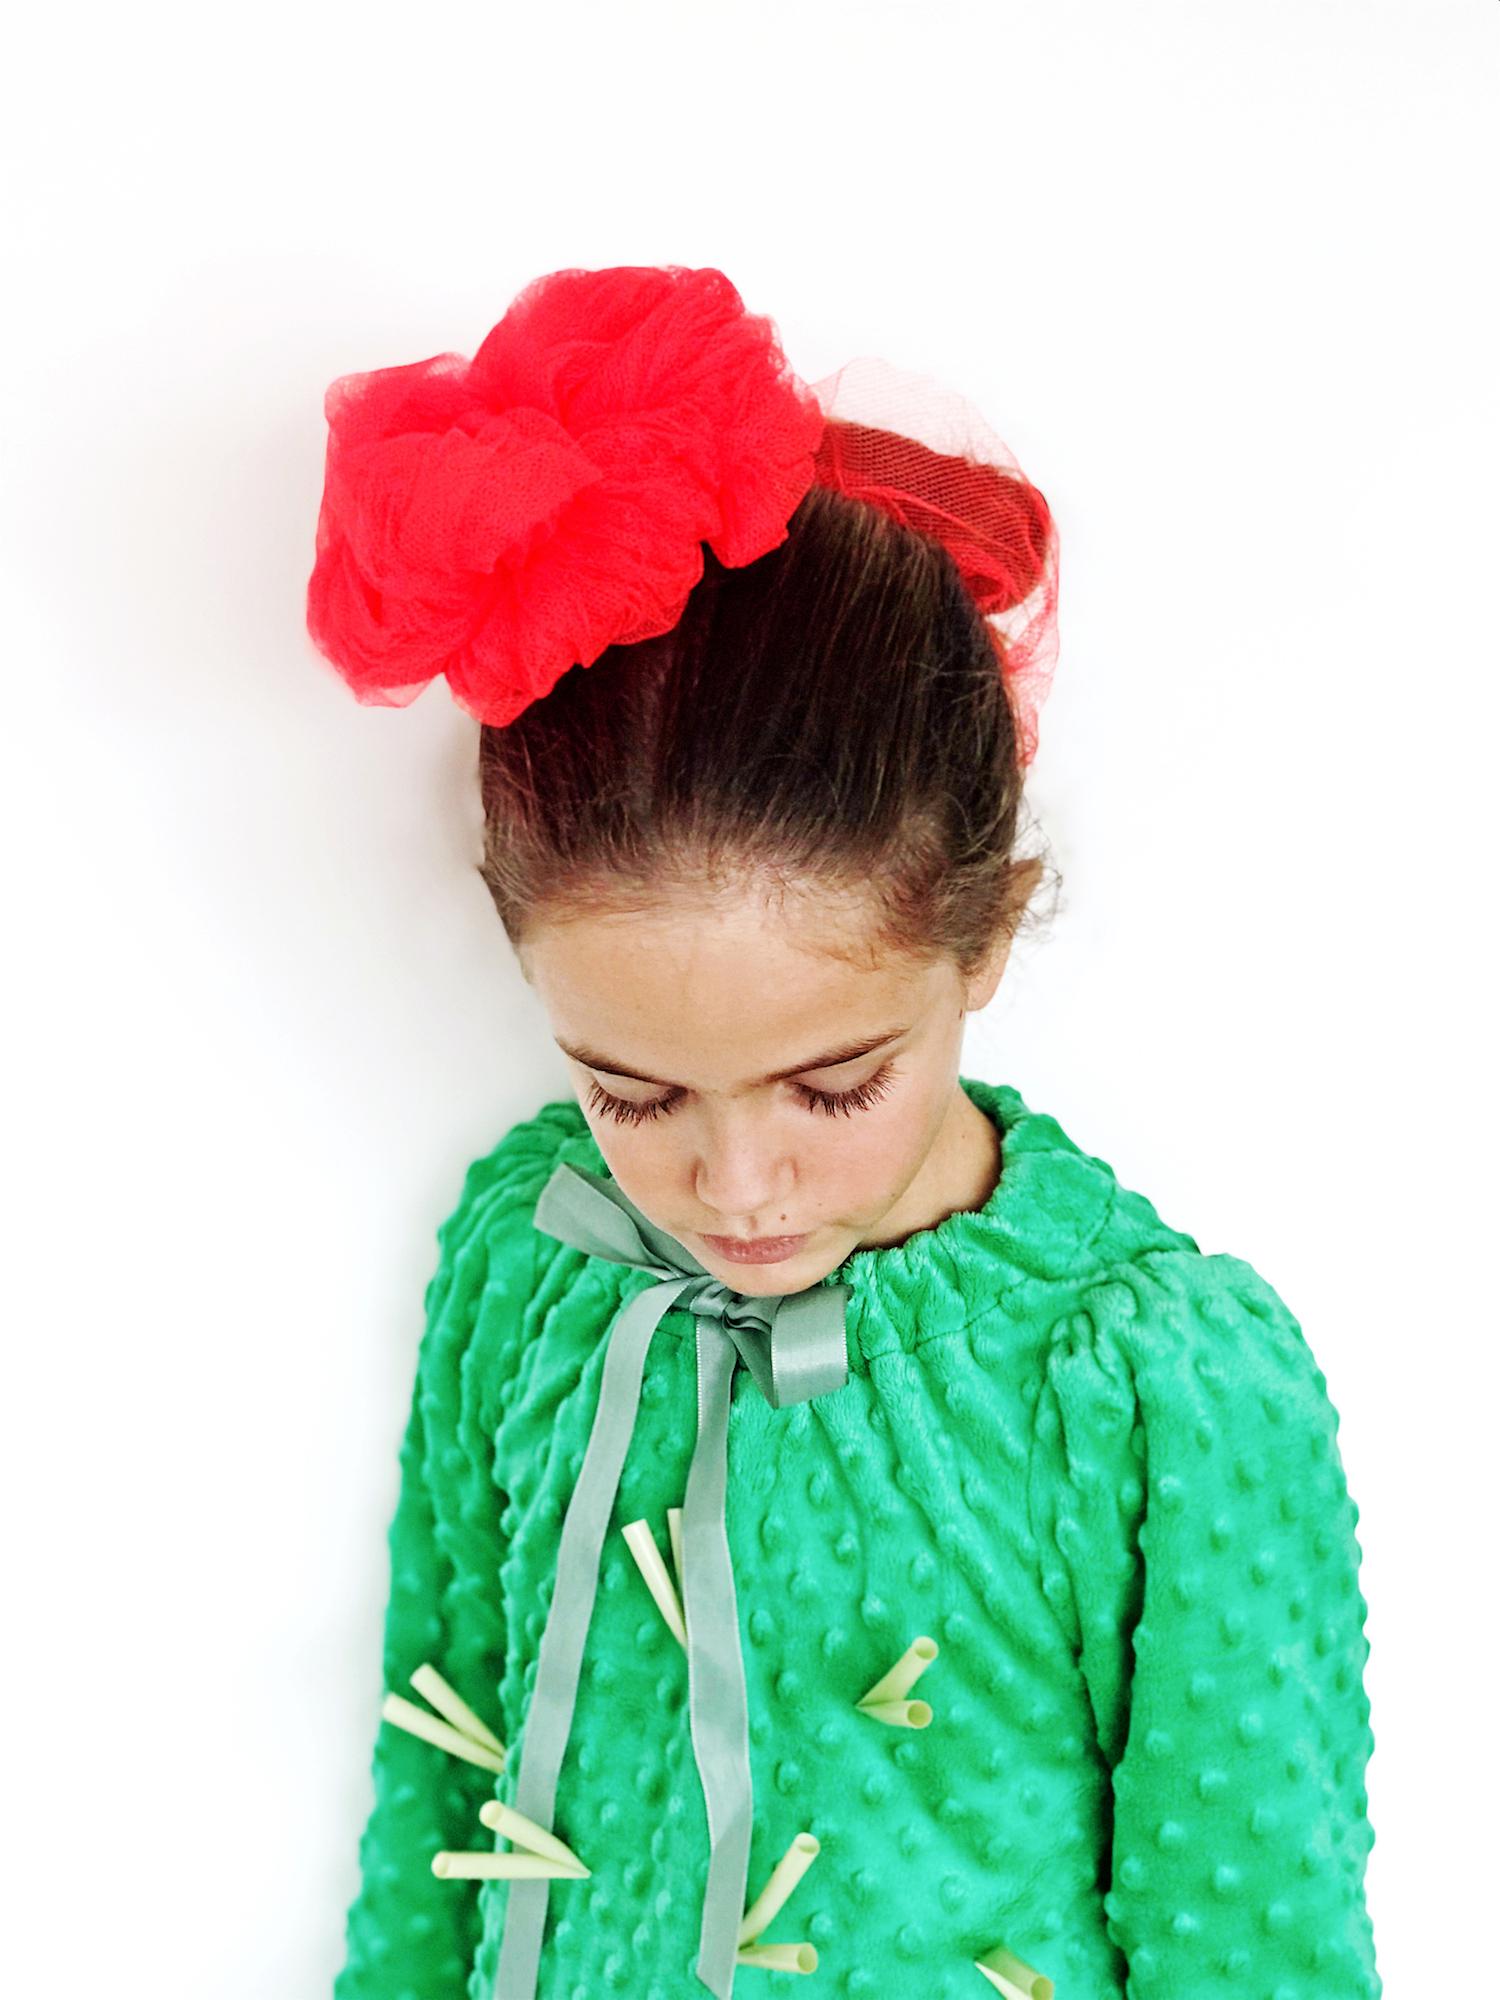 DIY pustni kostum kaktus beautyfull blog